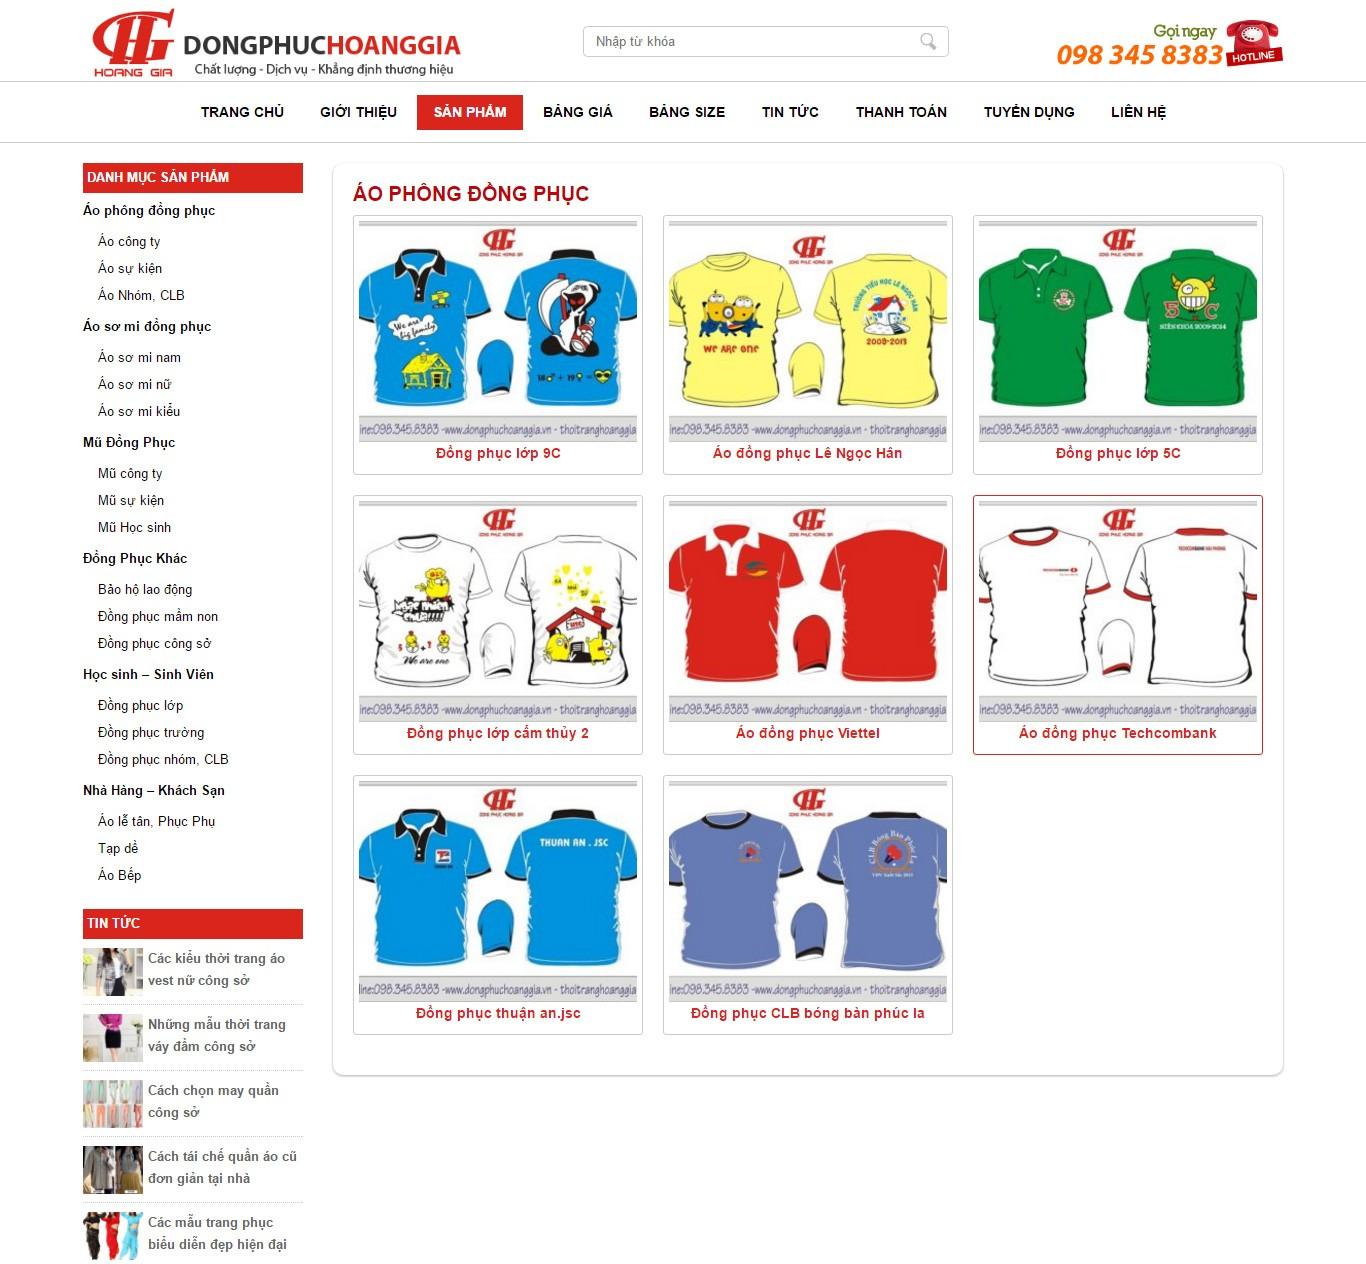 Thiết kế website công ty giới thiệu sản phẩm